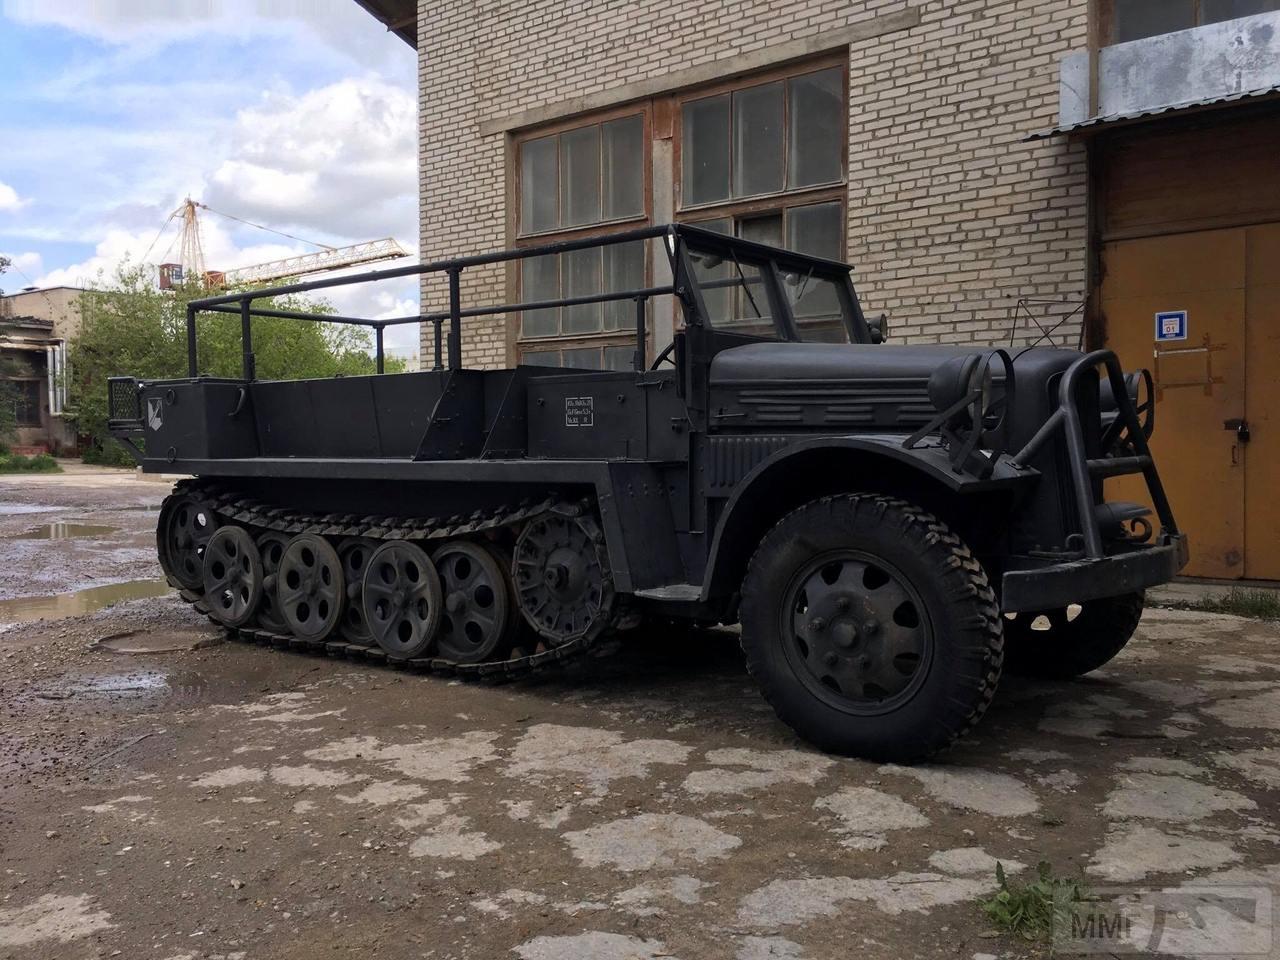 105021 - Военный транспорт союзников Германии во Второй мировой